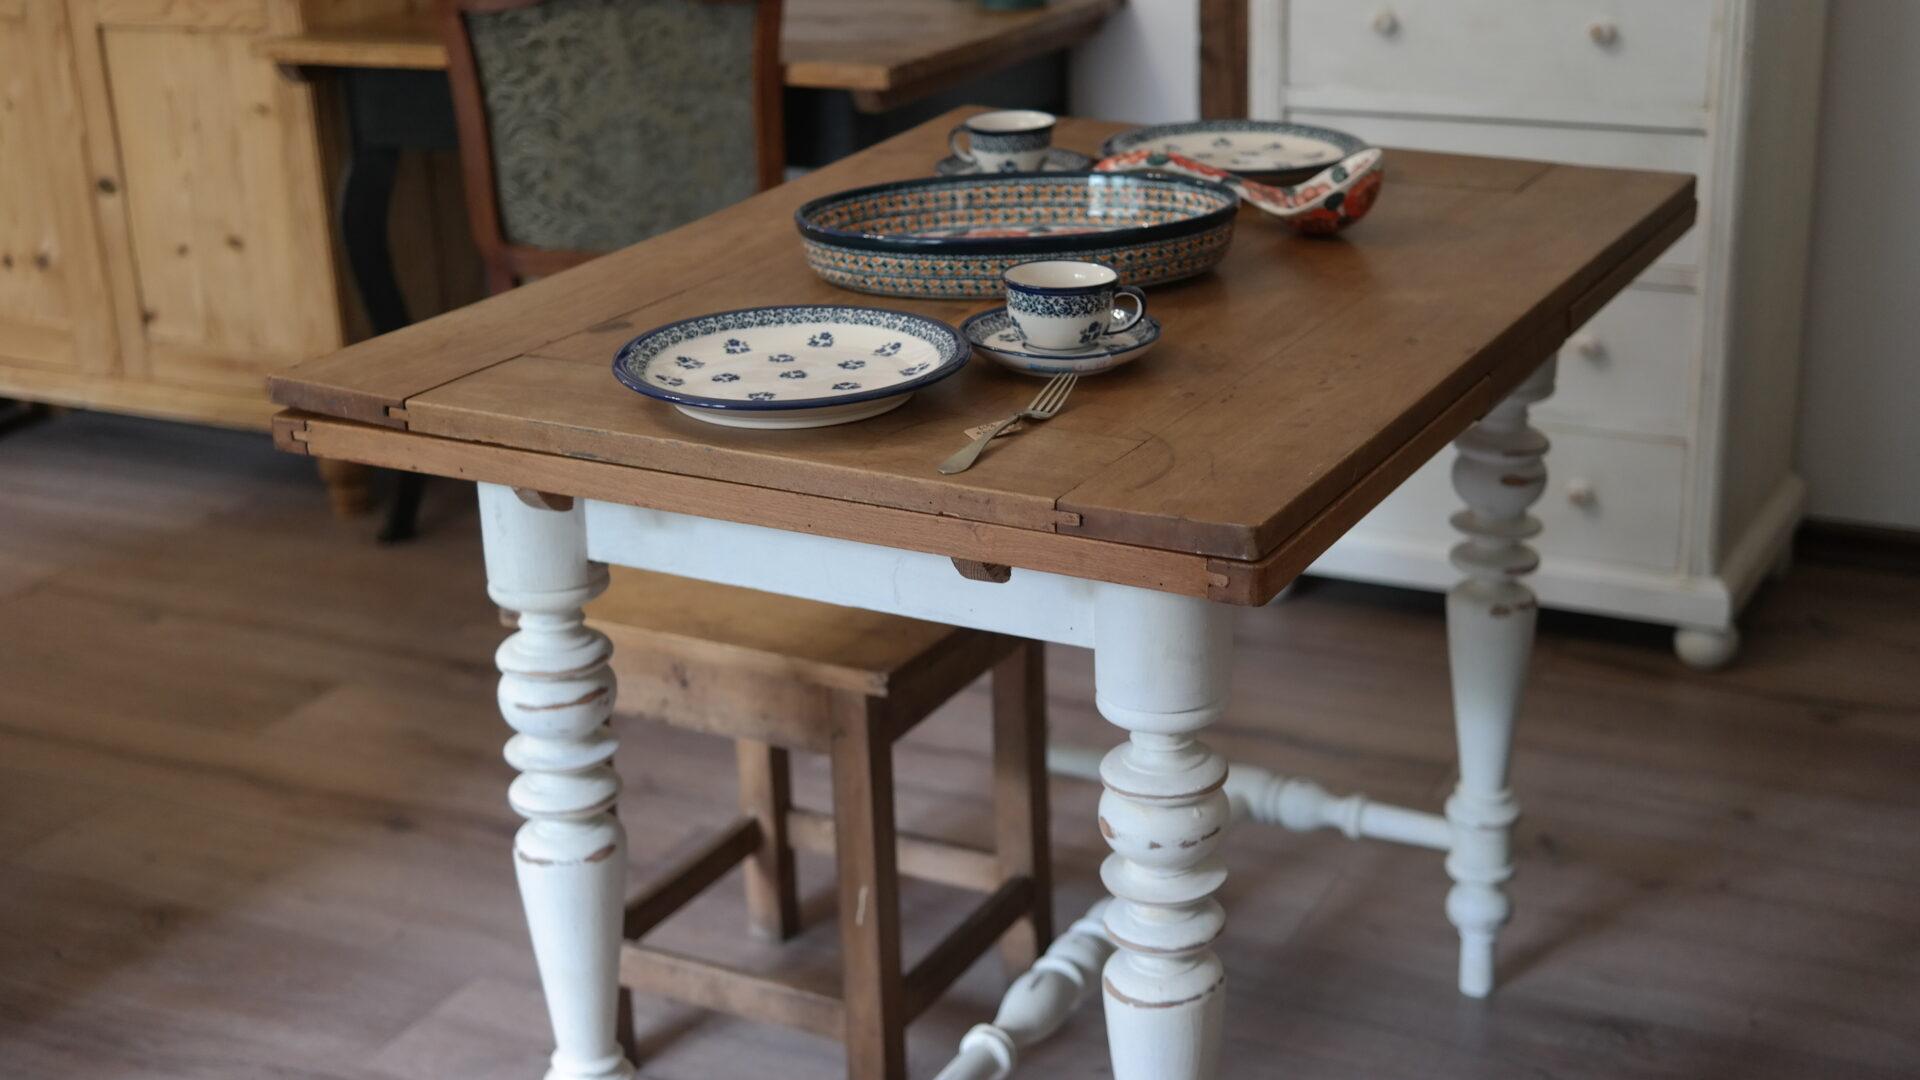 Régi, bővíthető, esztergált lábú ebédlőasztal körtefa tetővel